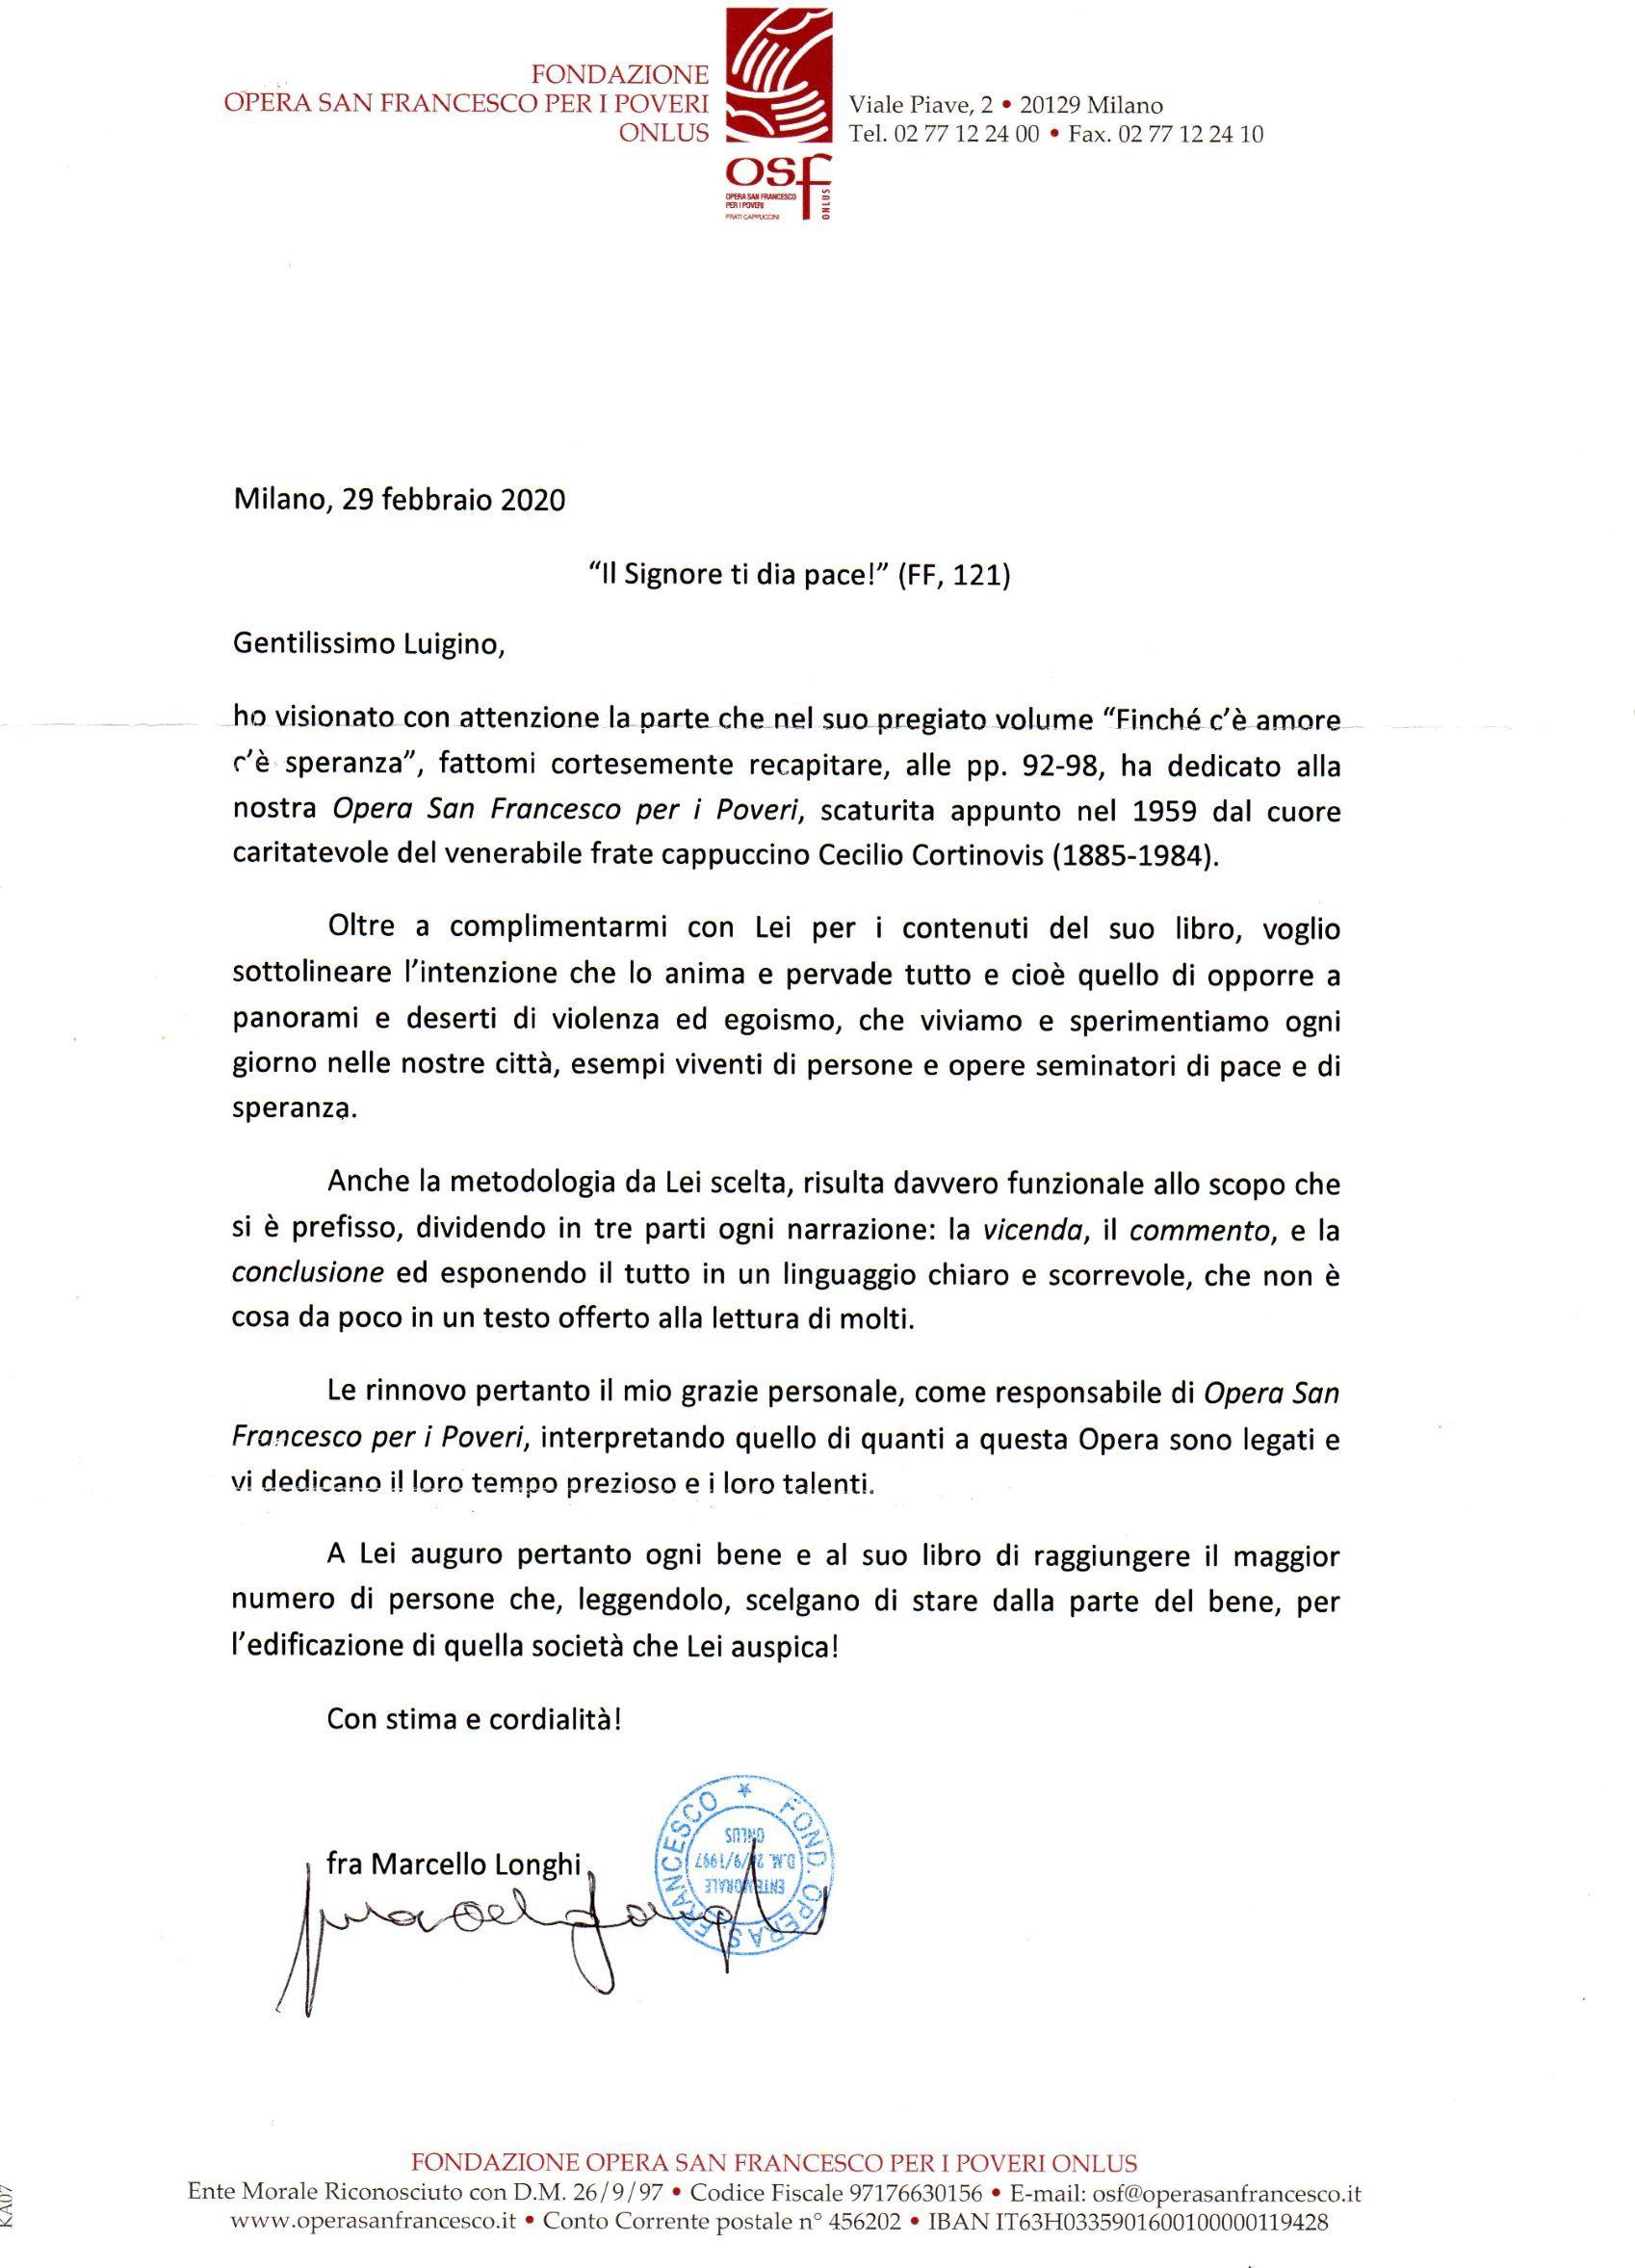 LA SPERANZA E' L'ANTICAMERA DELL'AMORE